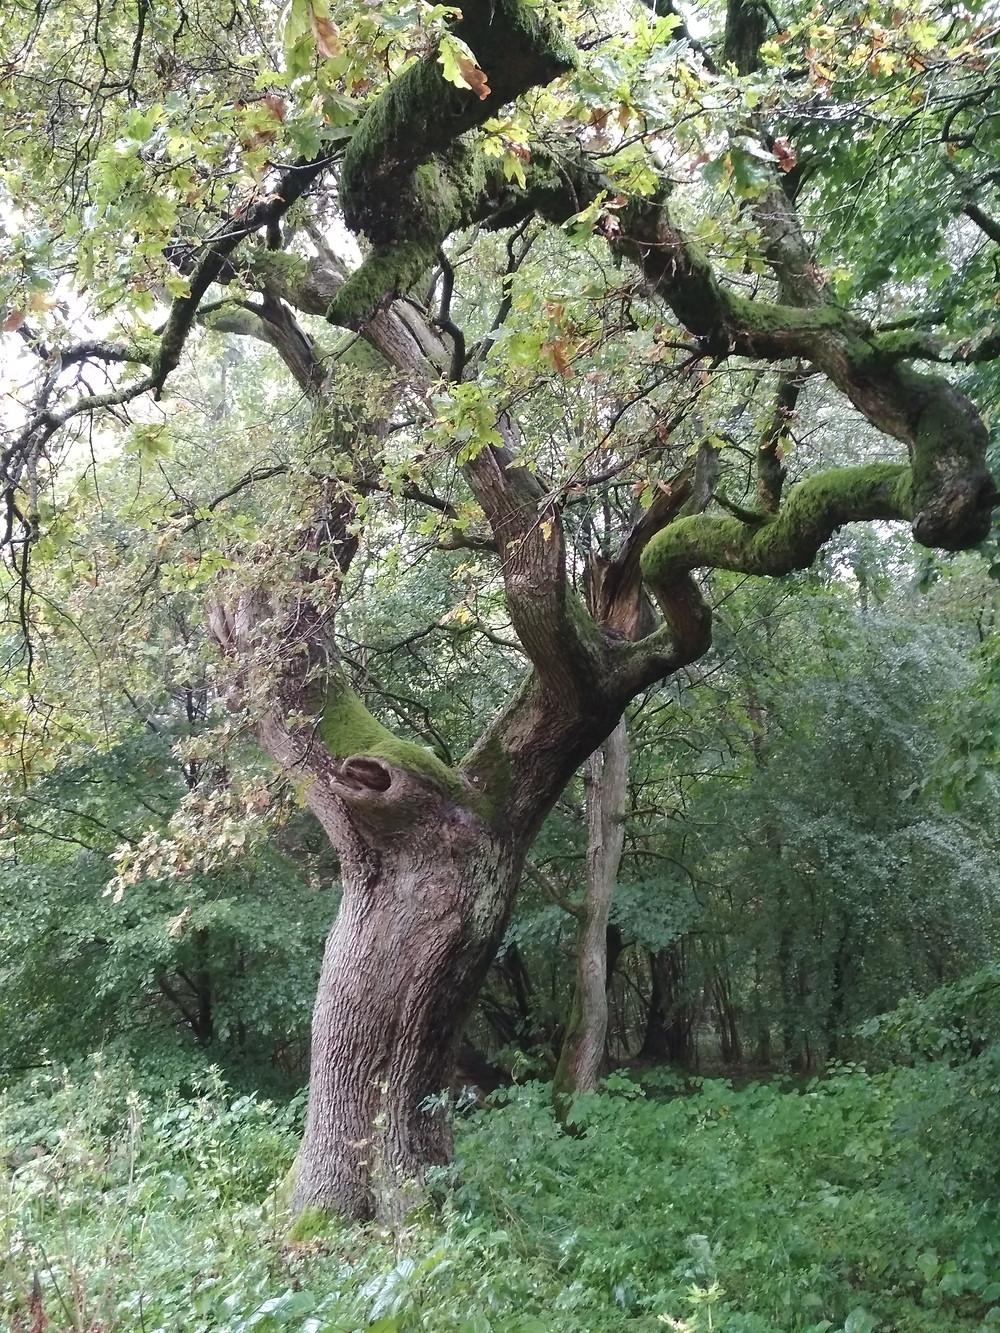 Geschichten aus dem Wald - Bäume erzählen